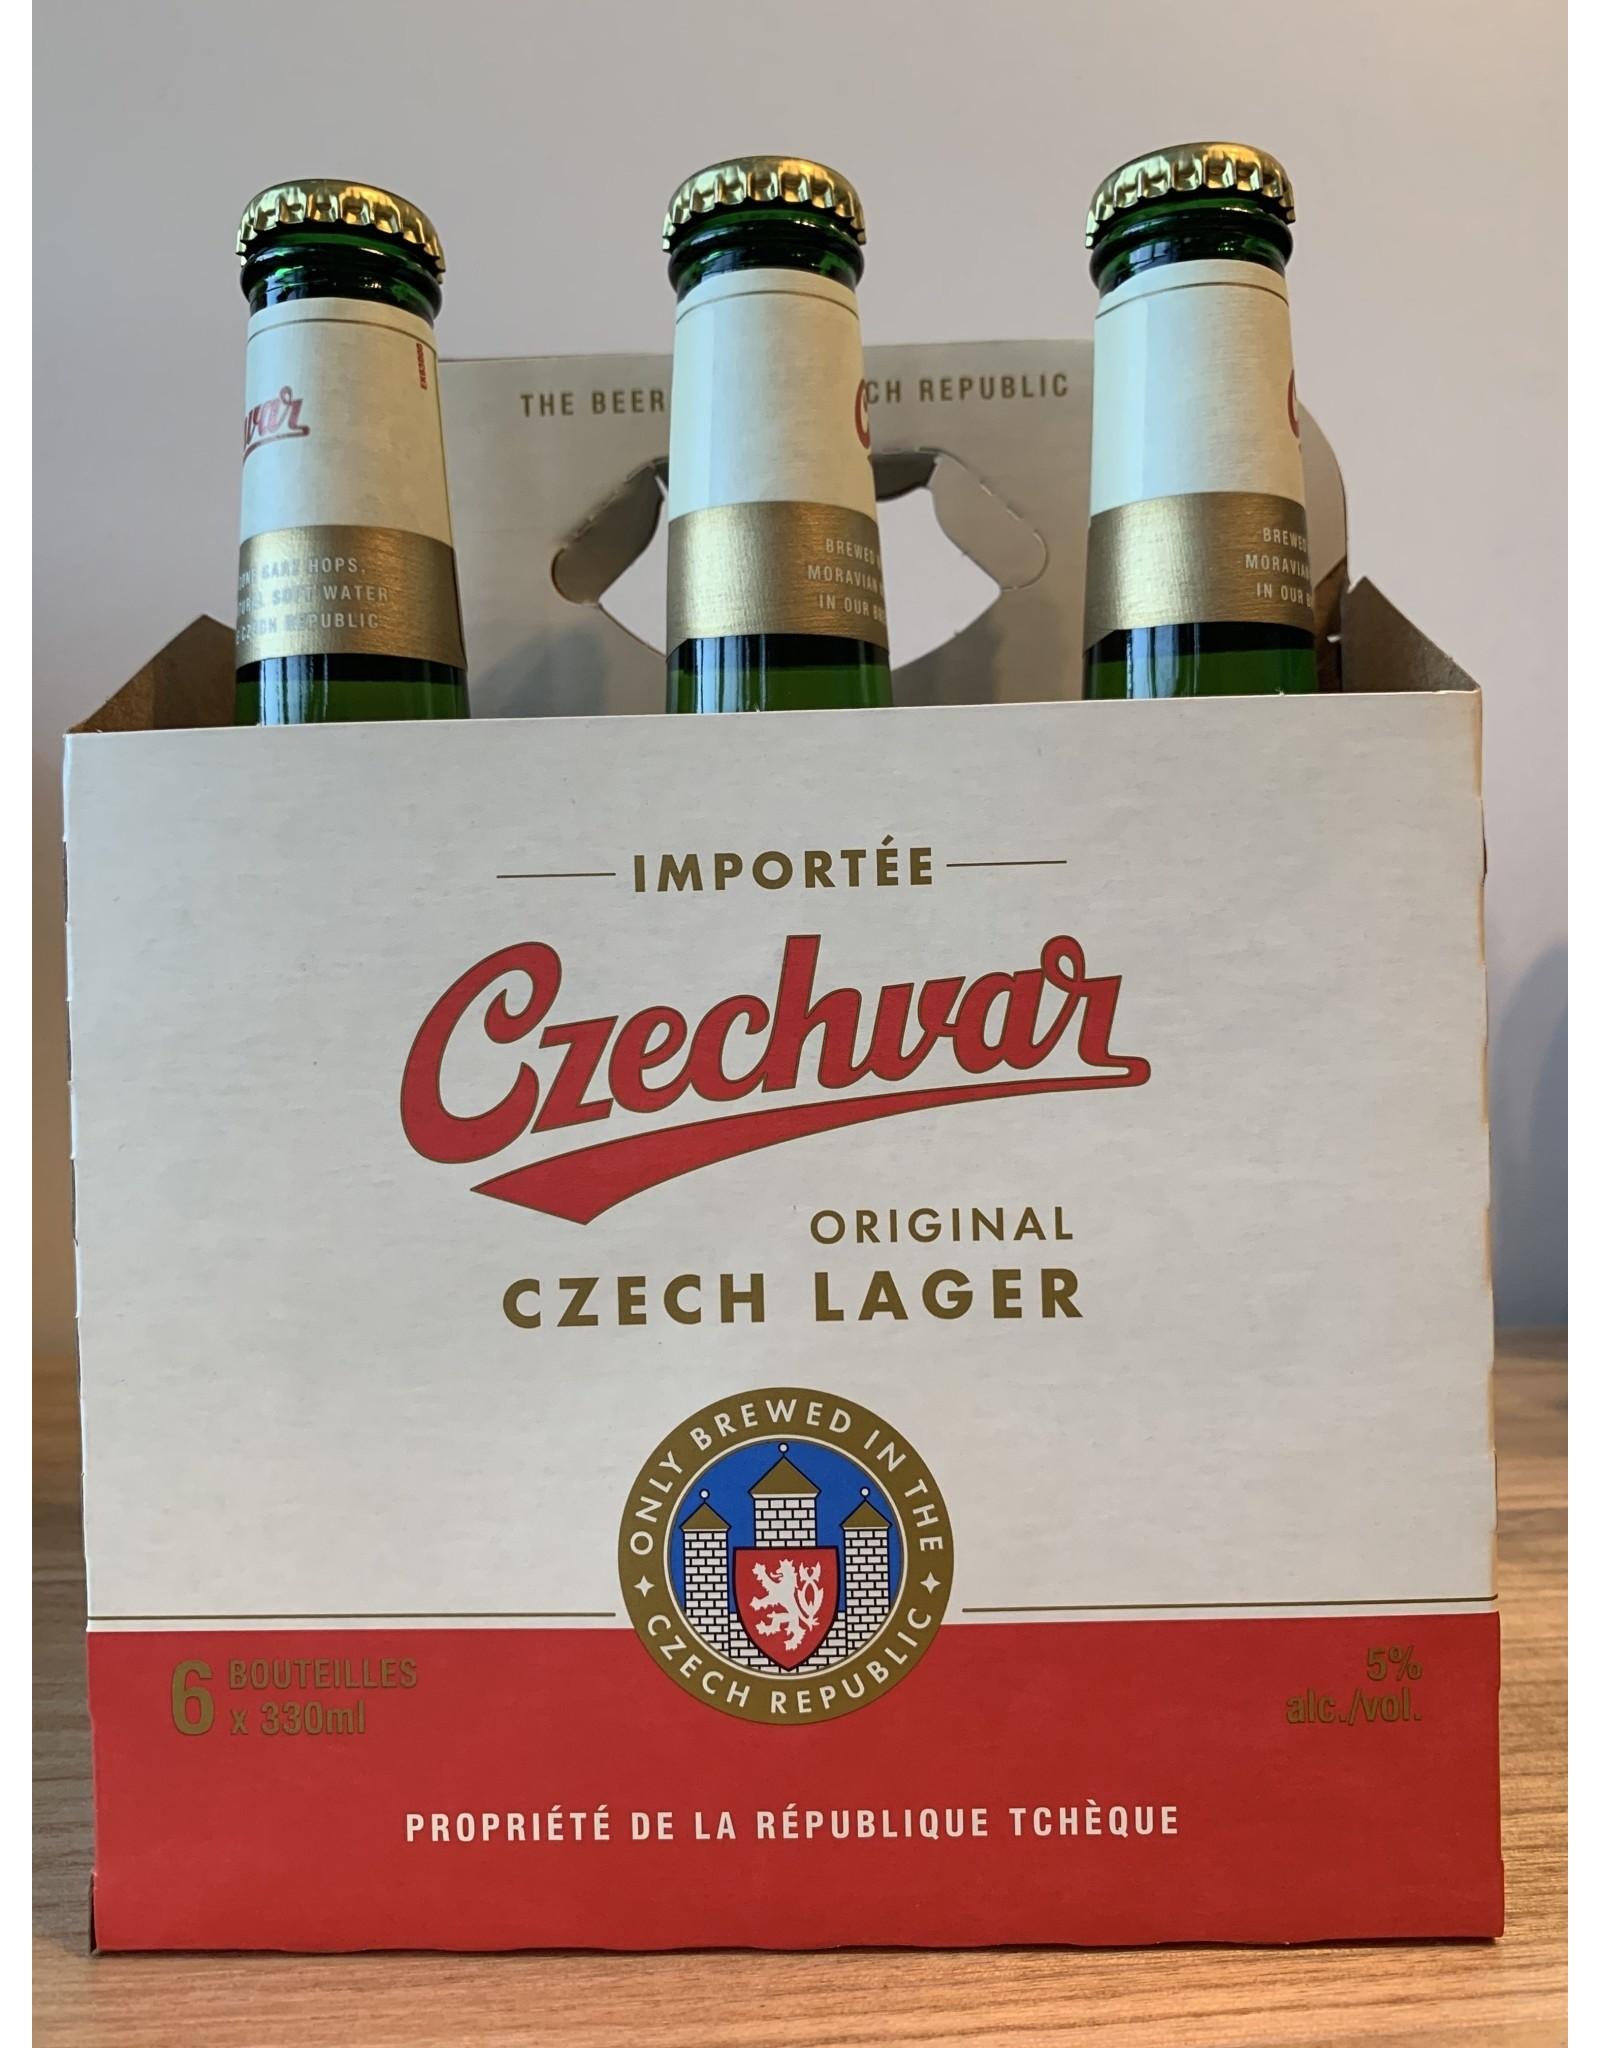 Czechvar Czechvar Czech Lager